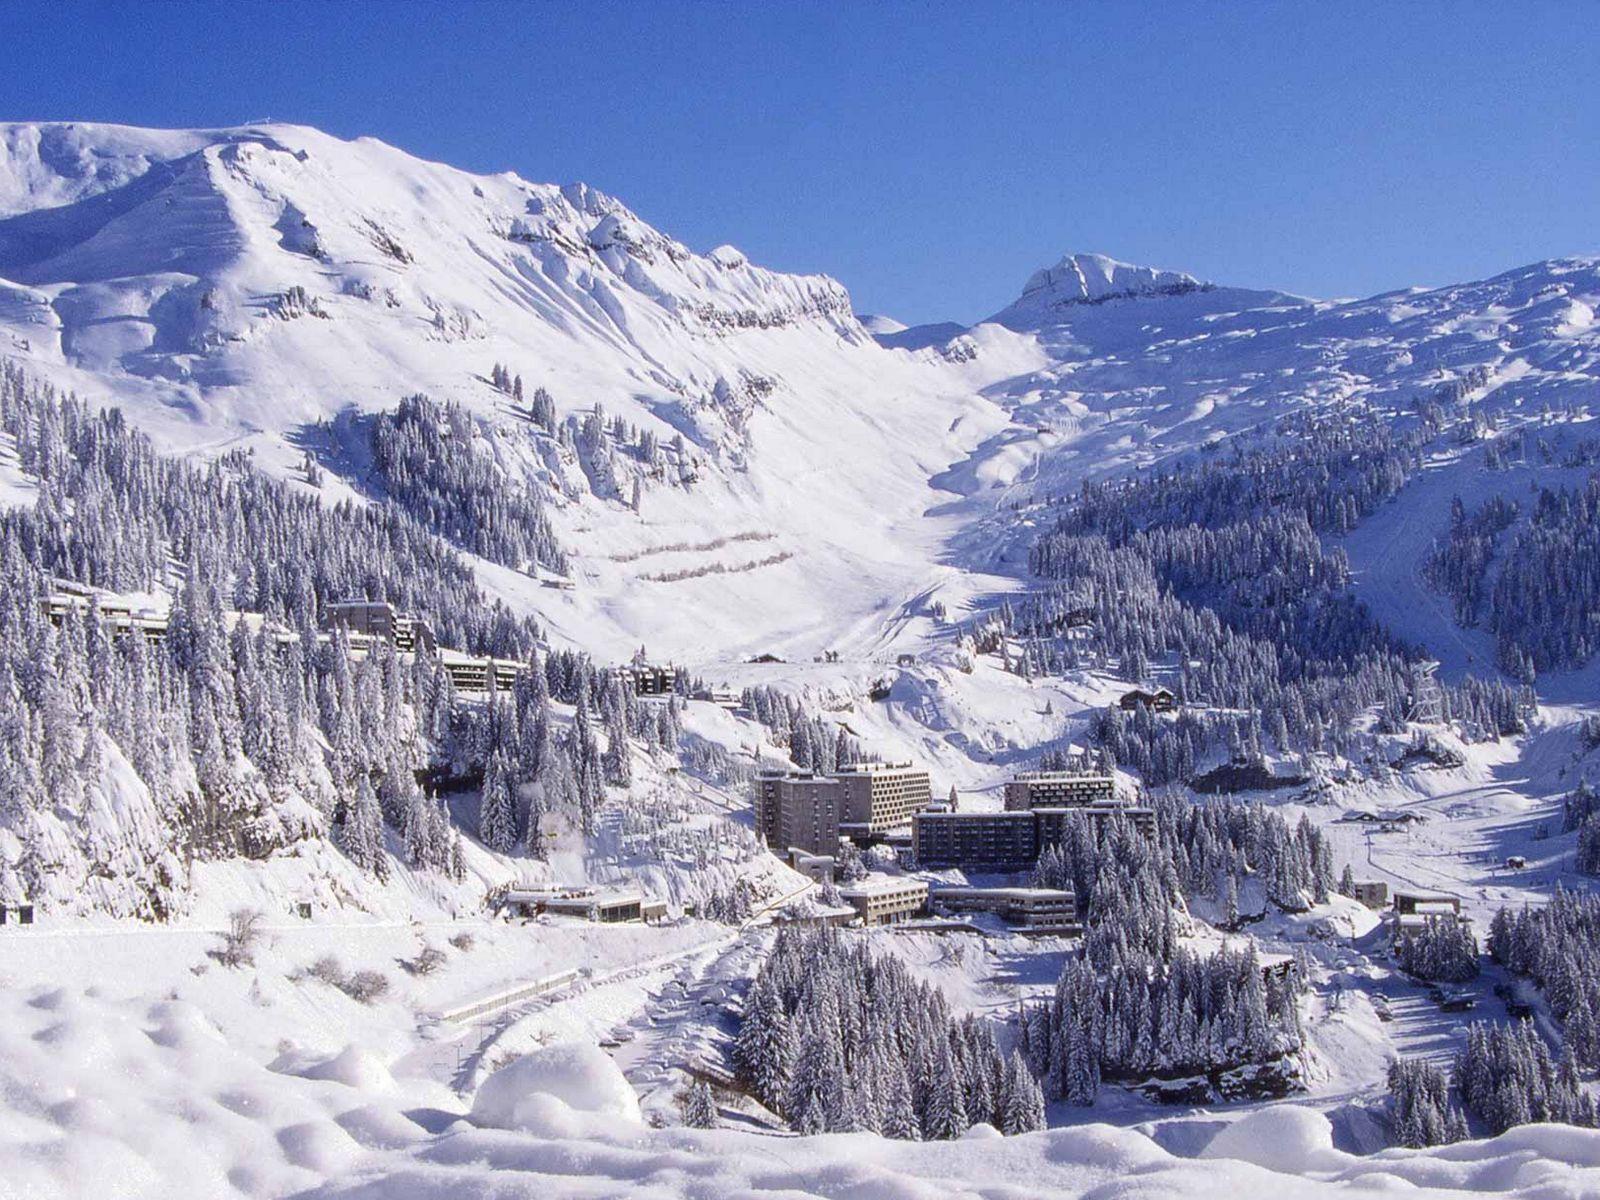 séminaire d'entreprise Val d'Isère